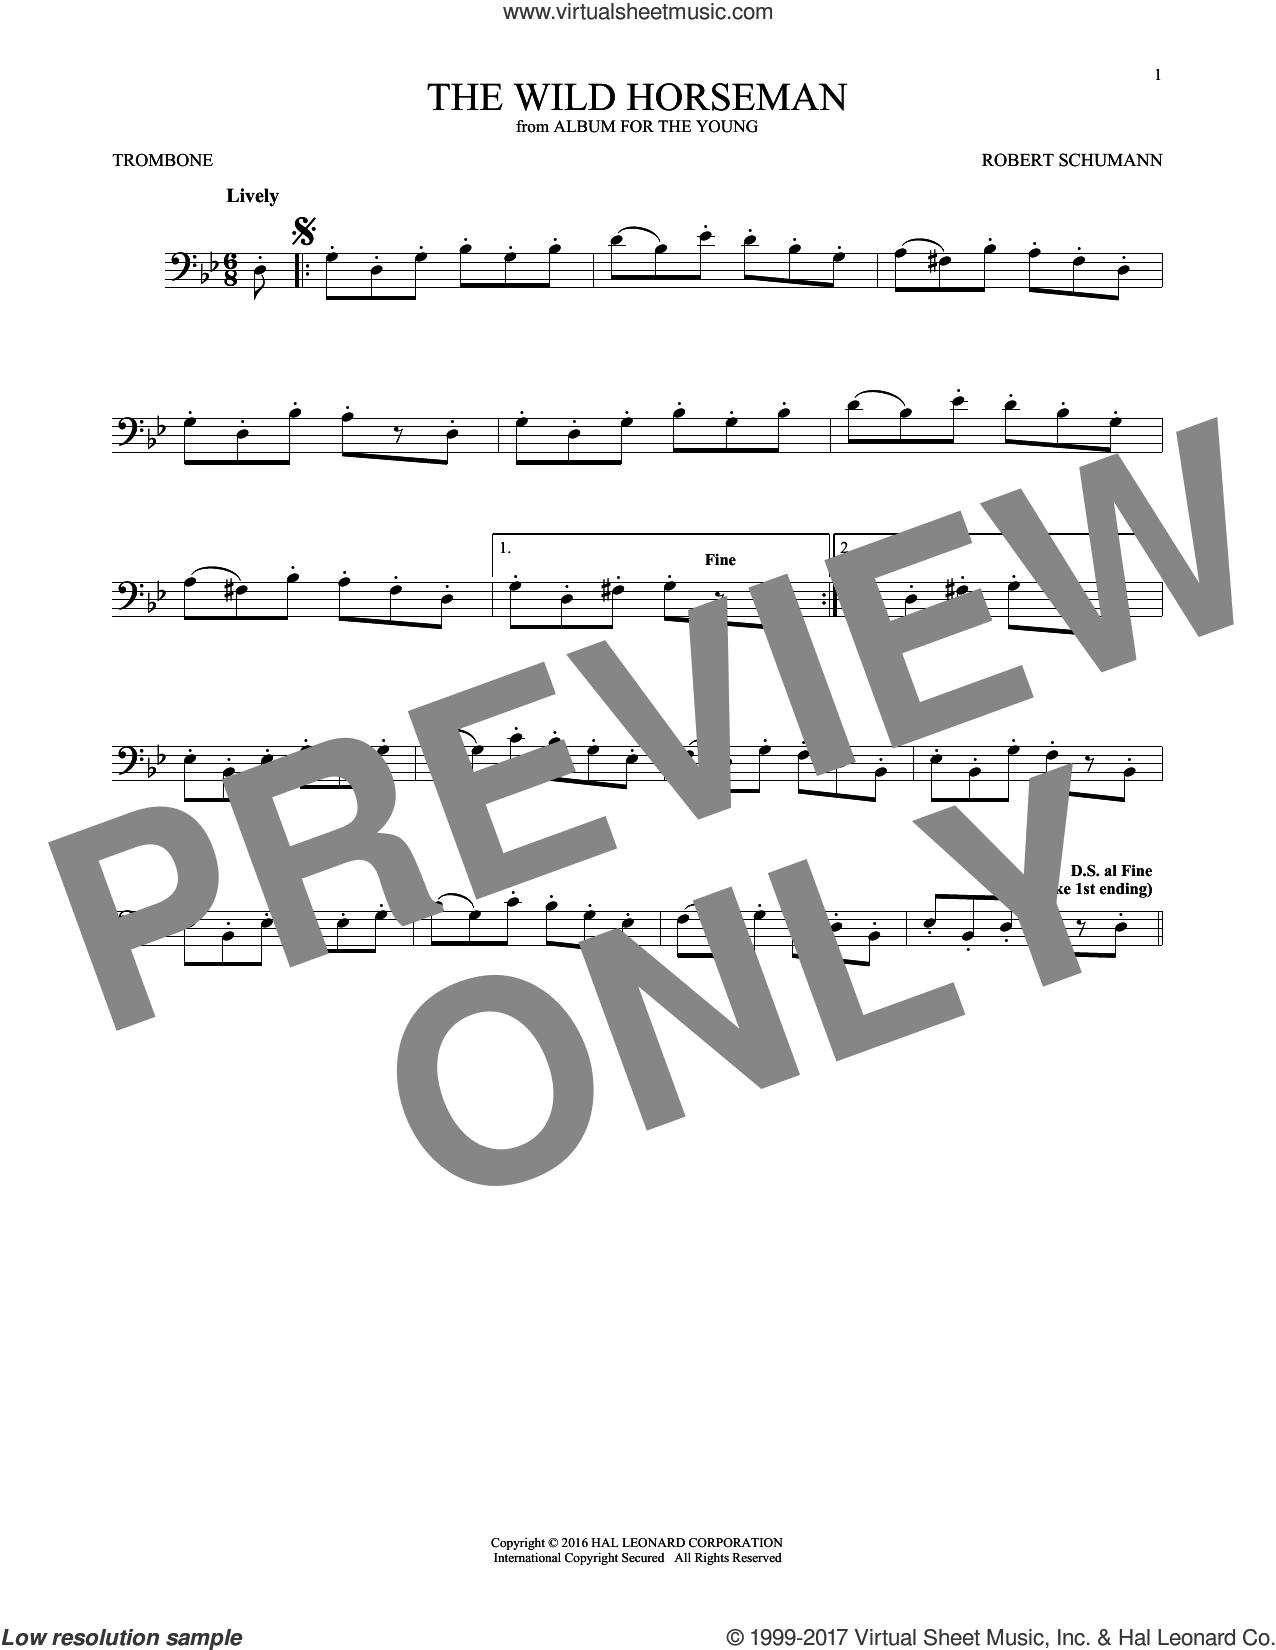 The Wild Horseman (Wilder Reiter), Op. 68, No. 8 sheet music for trombone solo by Robert Schumann, classical score, intermediate skill level